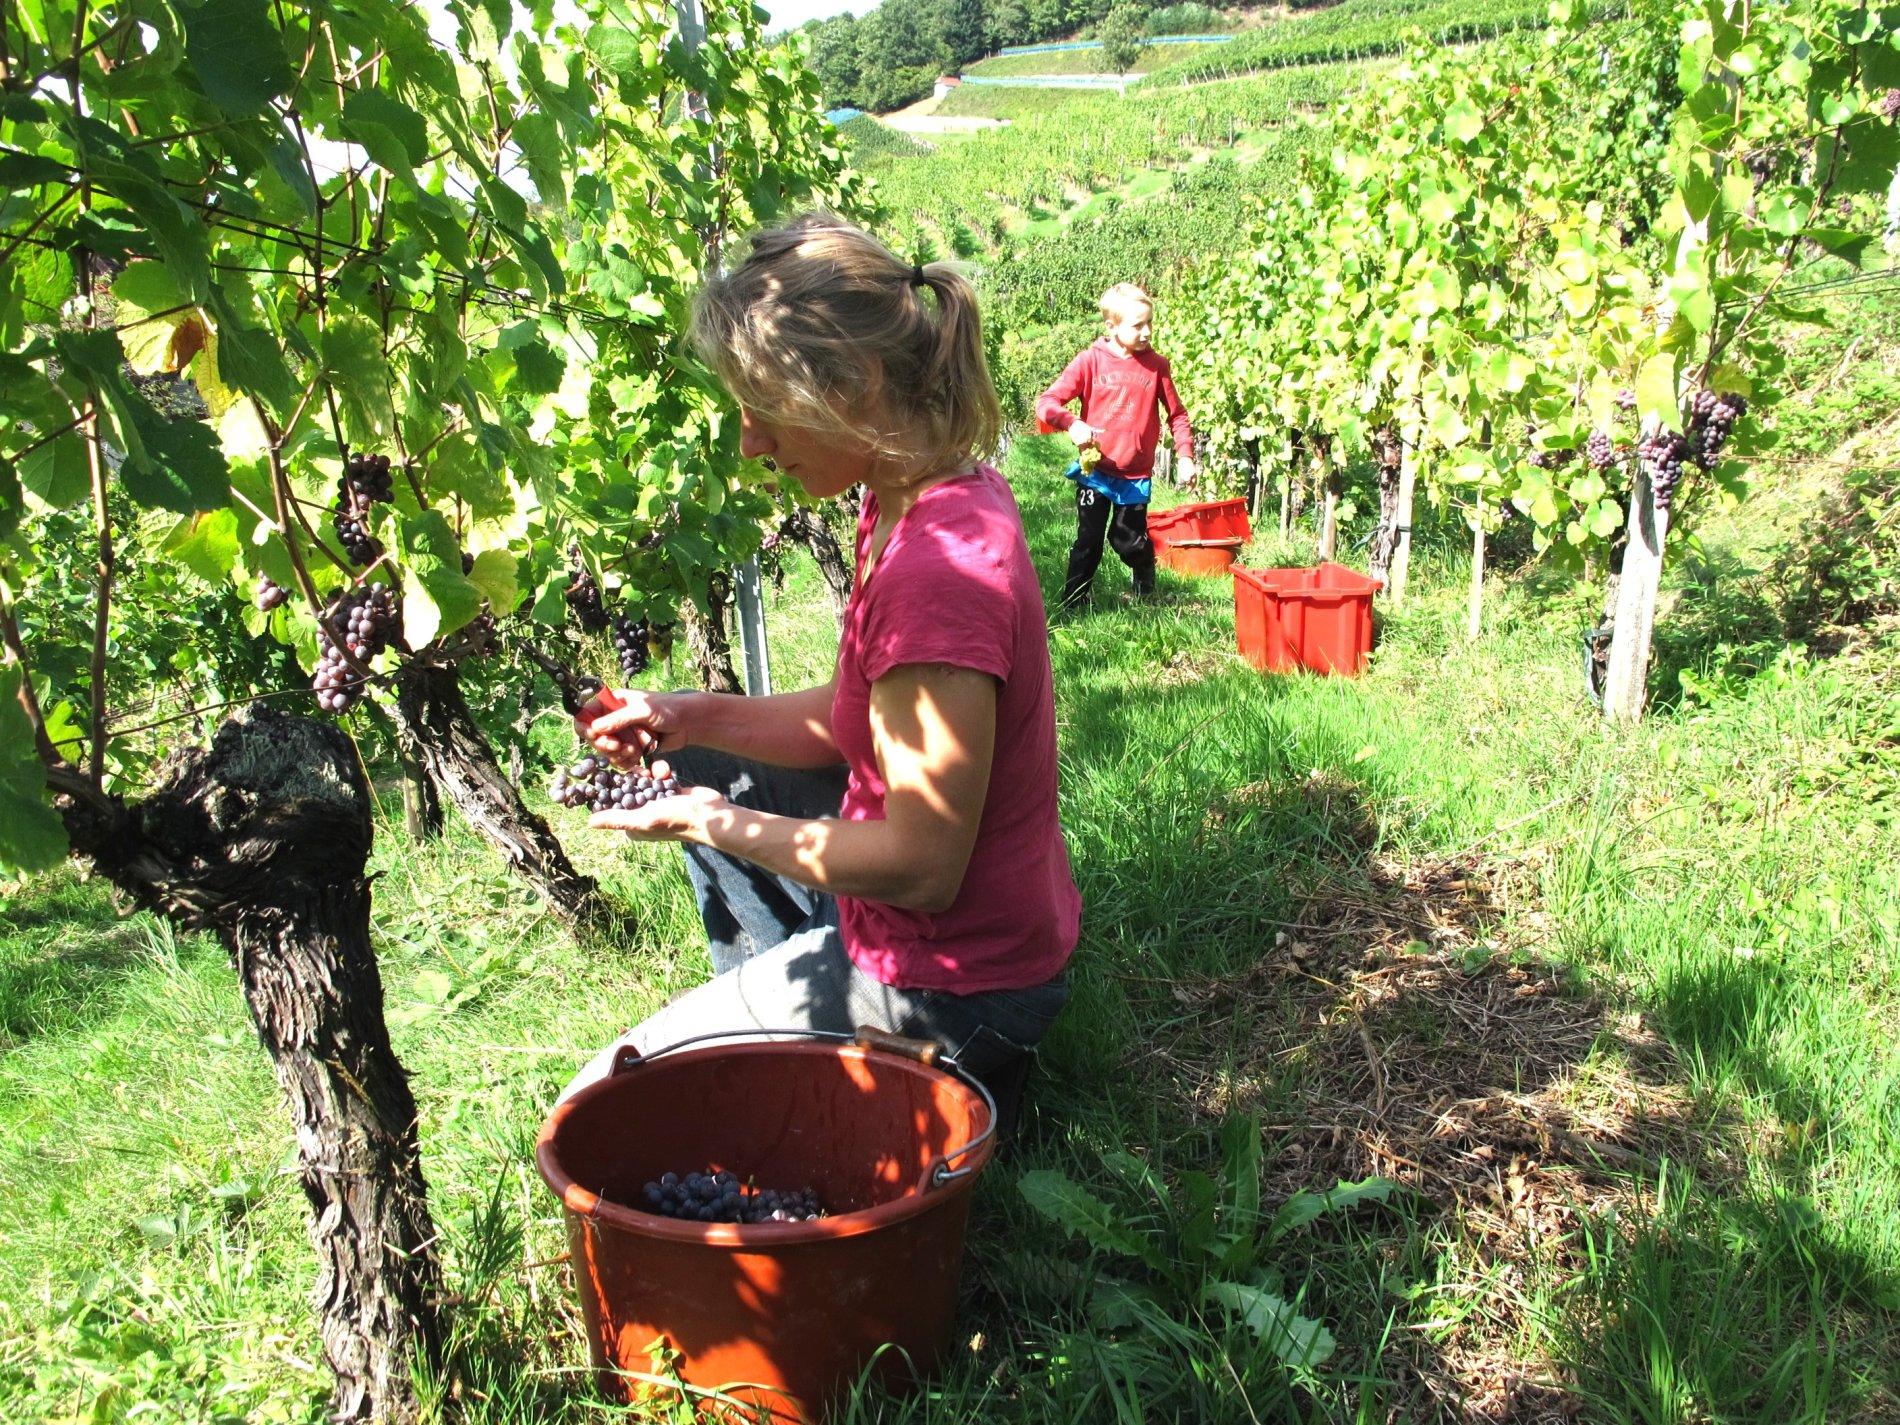 Die Weinlese in den steilen Glottertäler Weinbergen ist sehr arbeitsintensiv und benötigt viele fleissige Hände